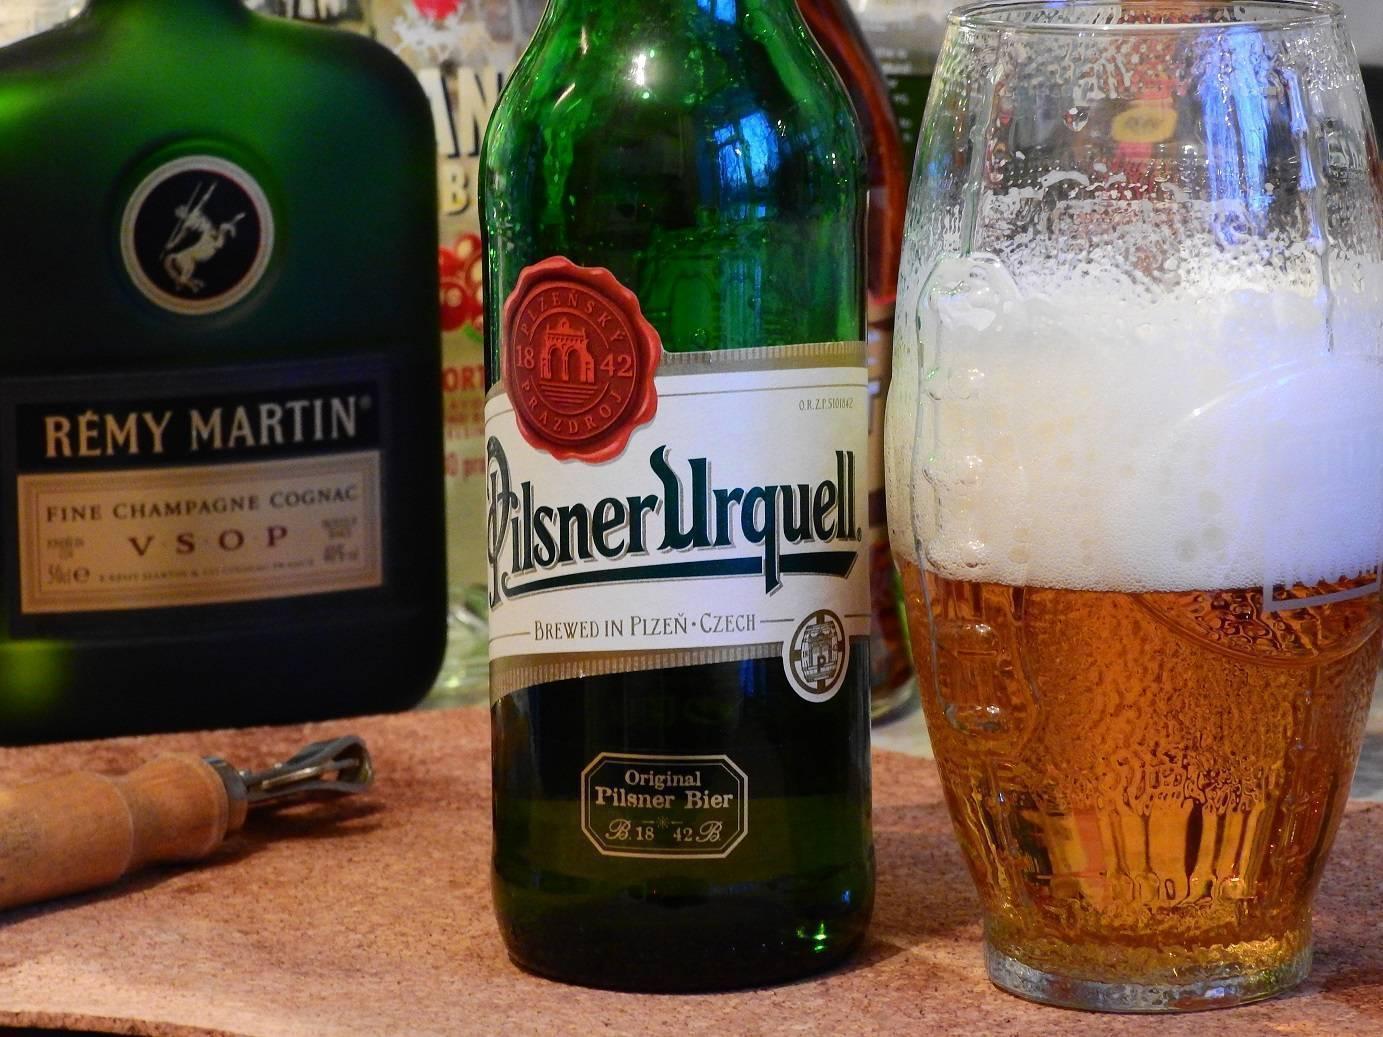 Пилснер урквел — настоящий эталон качества пива